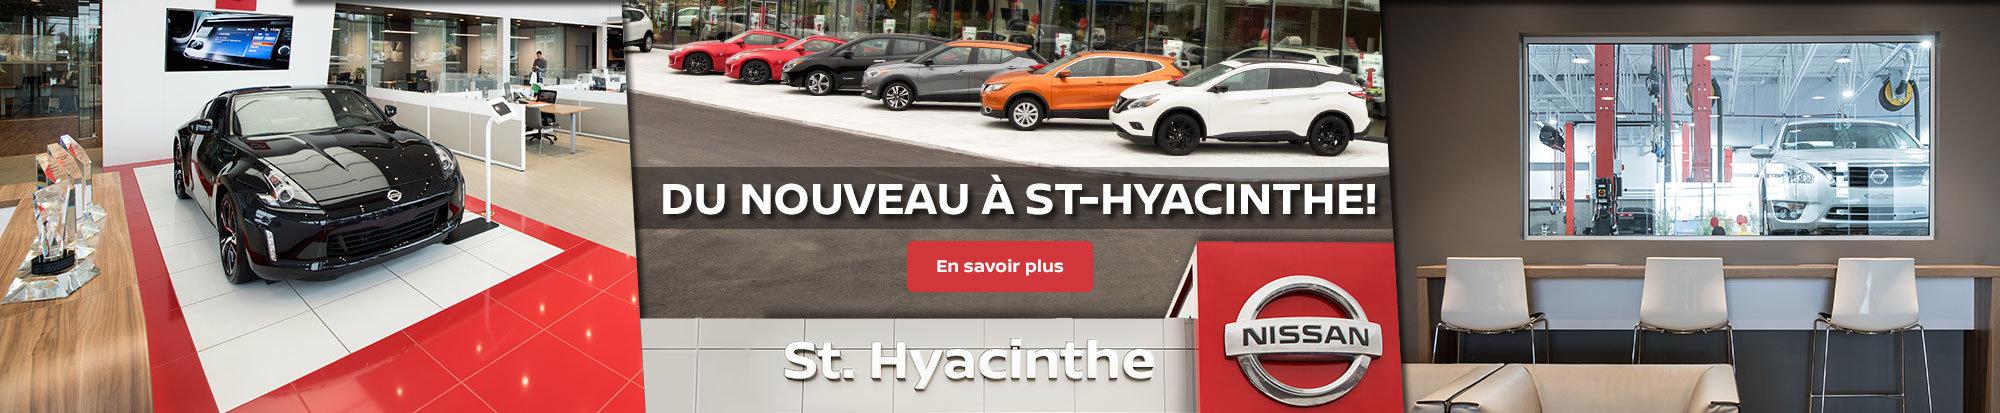 Nouvelle concession à Ste-Hyacinthe!